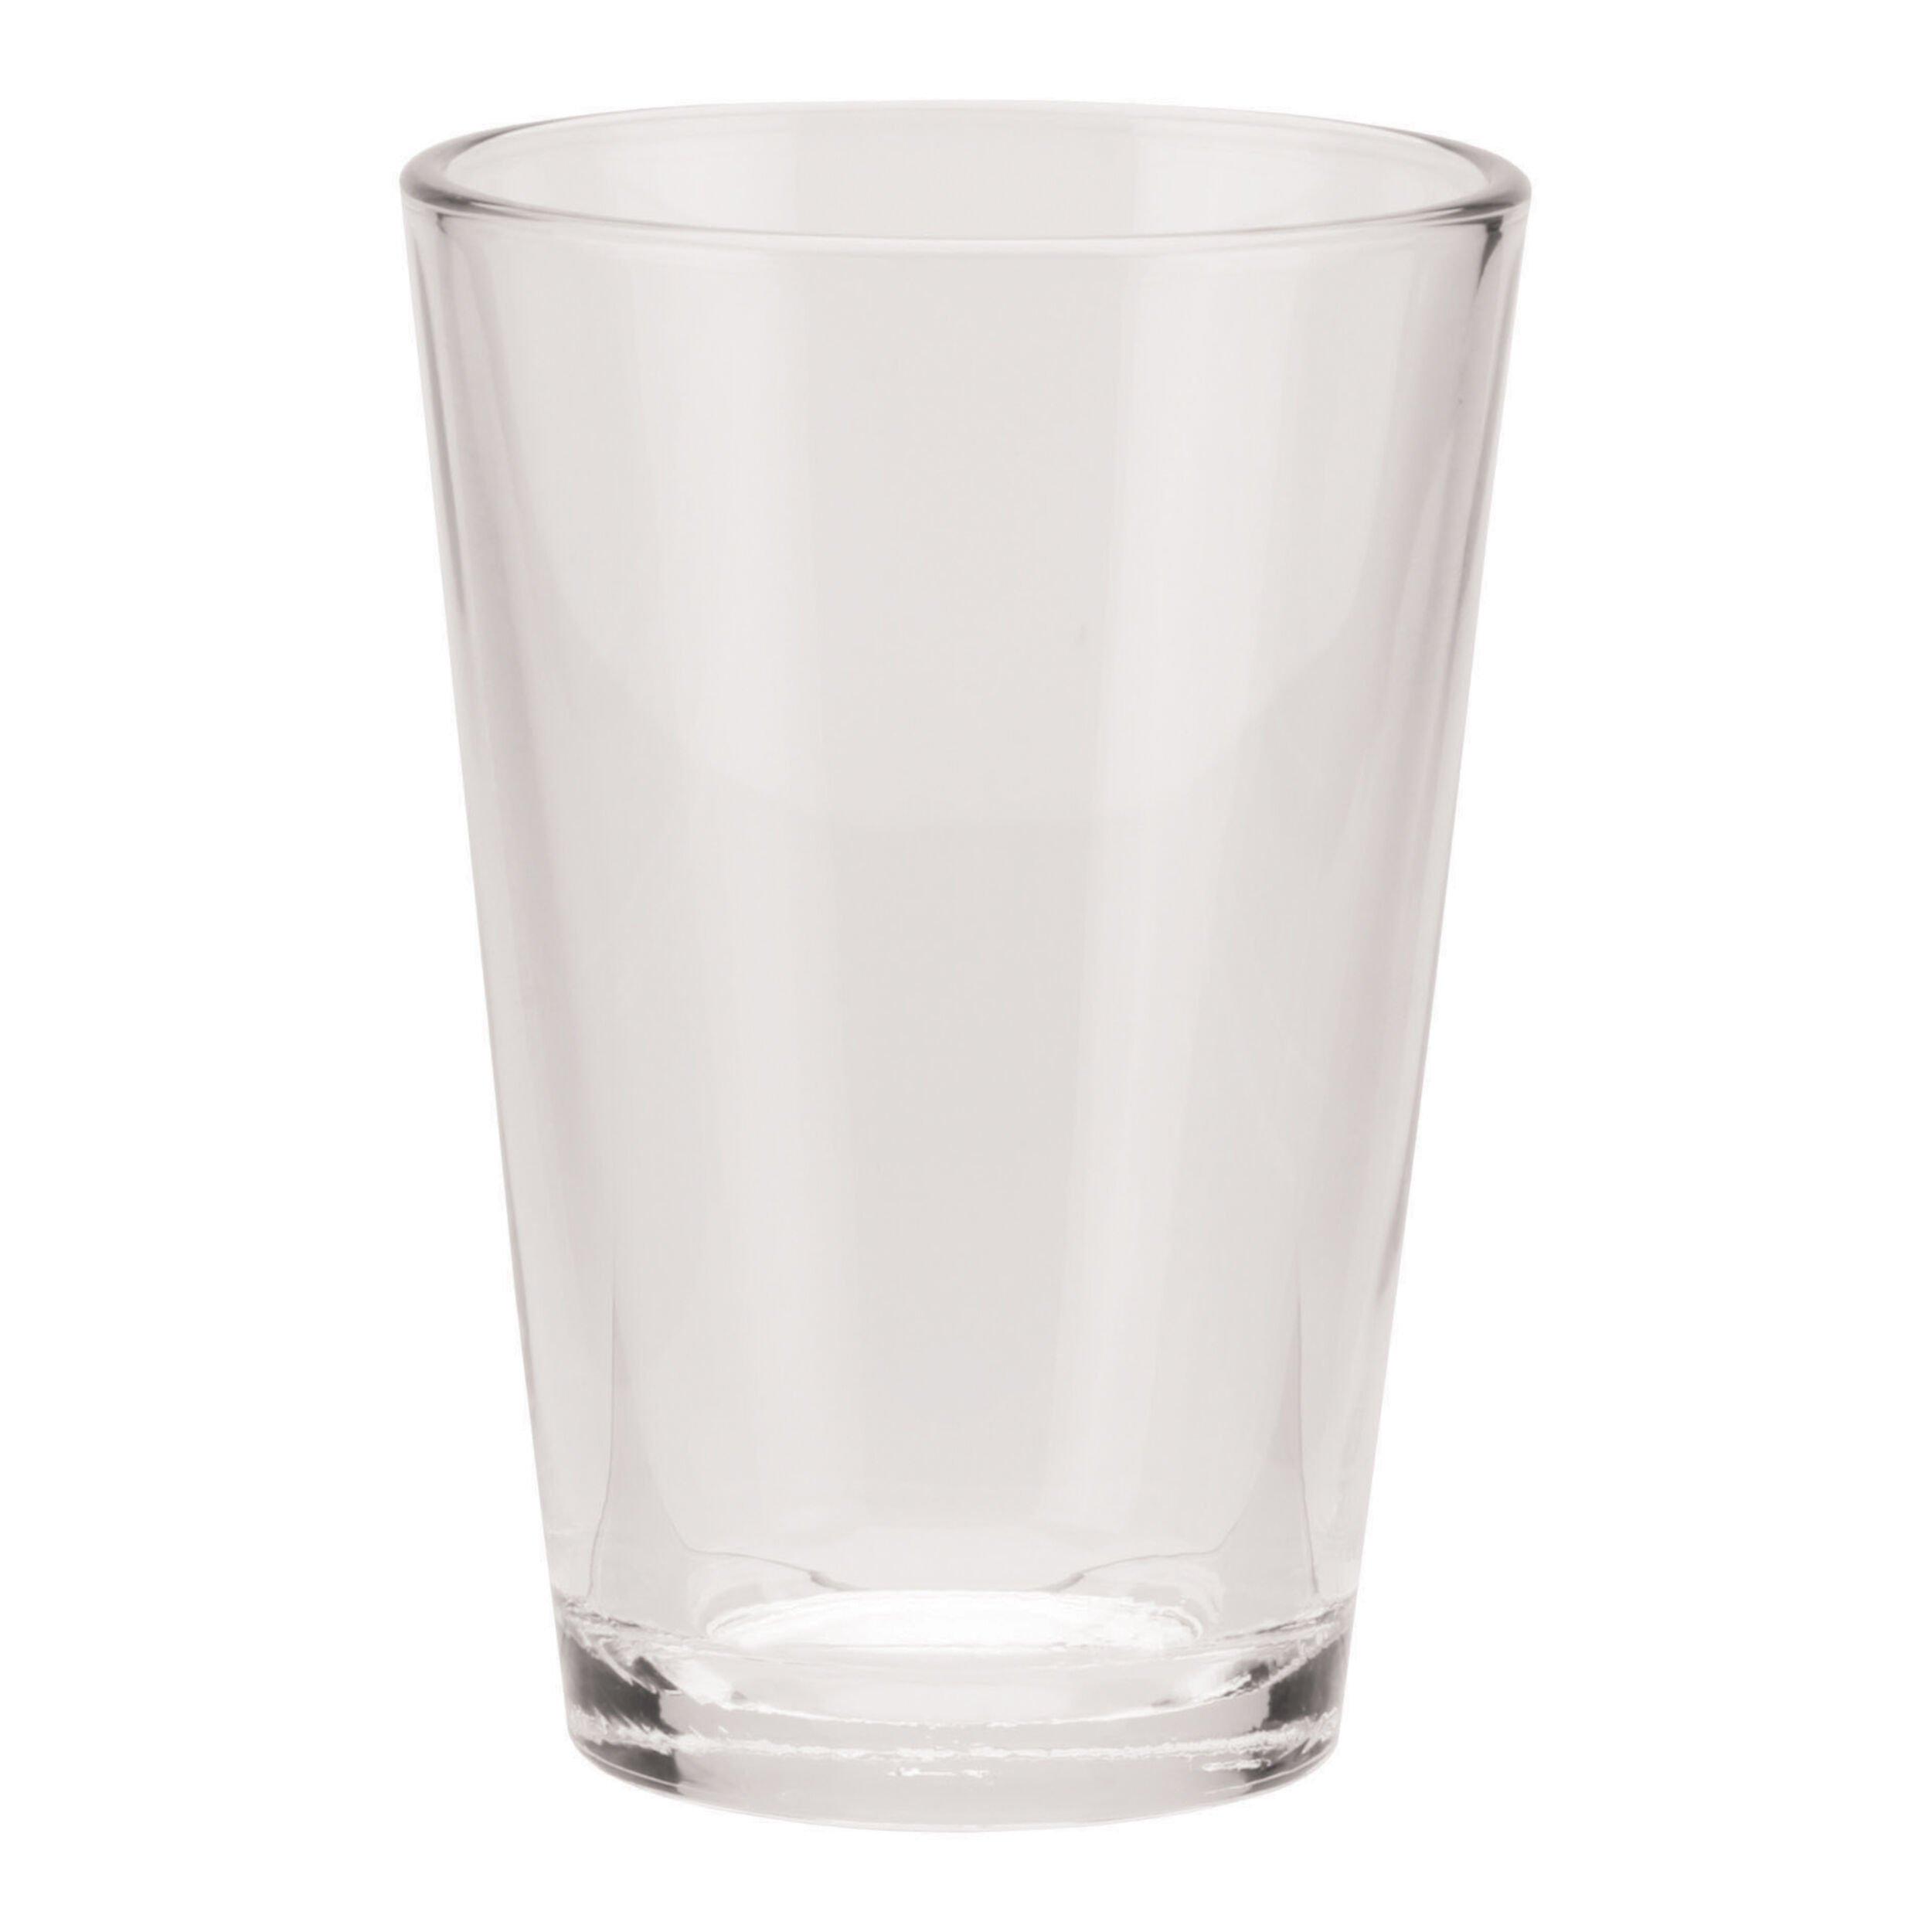 Bicchiere miscelatore in vetro Diametro 8